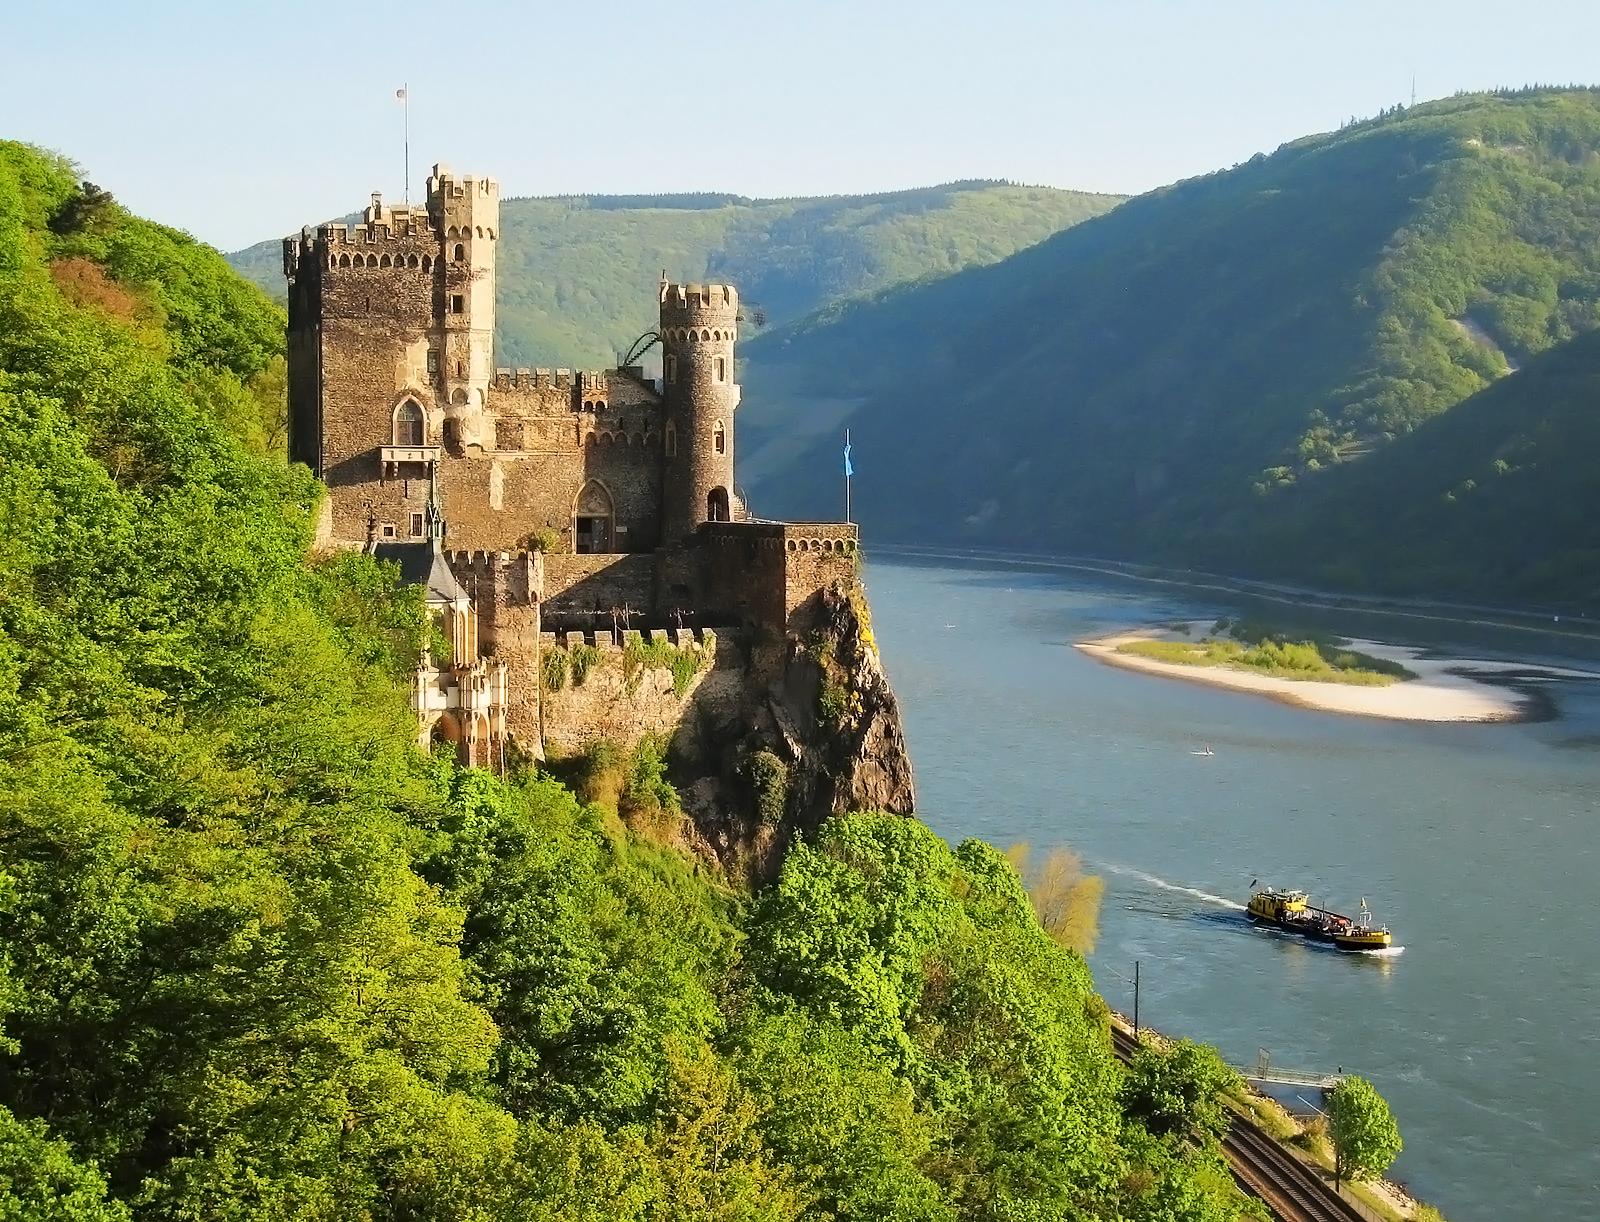 Der Rhein und Burg Rheinstein in Trechtingshausen